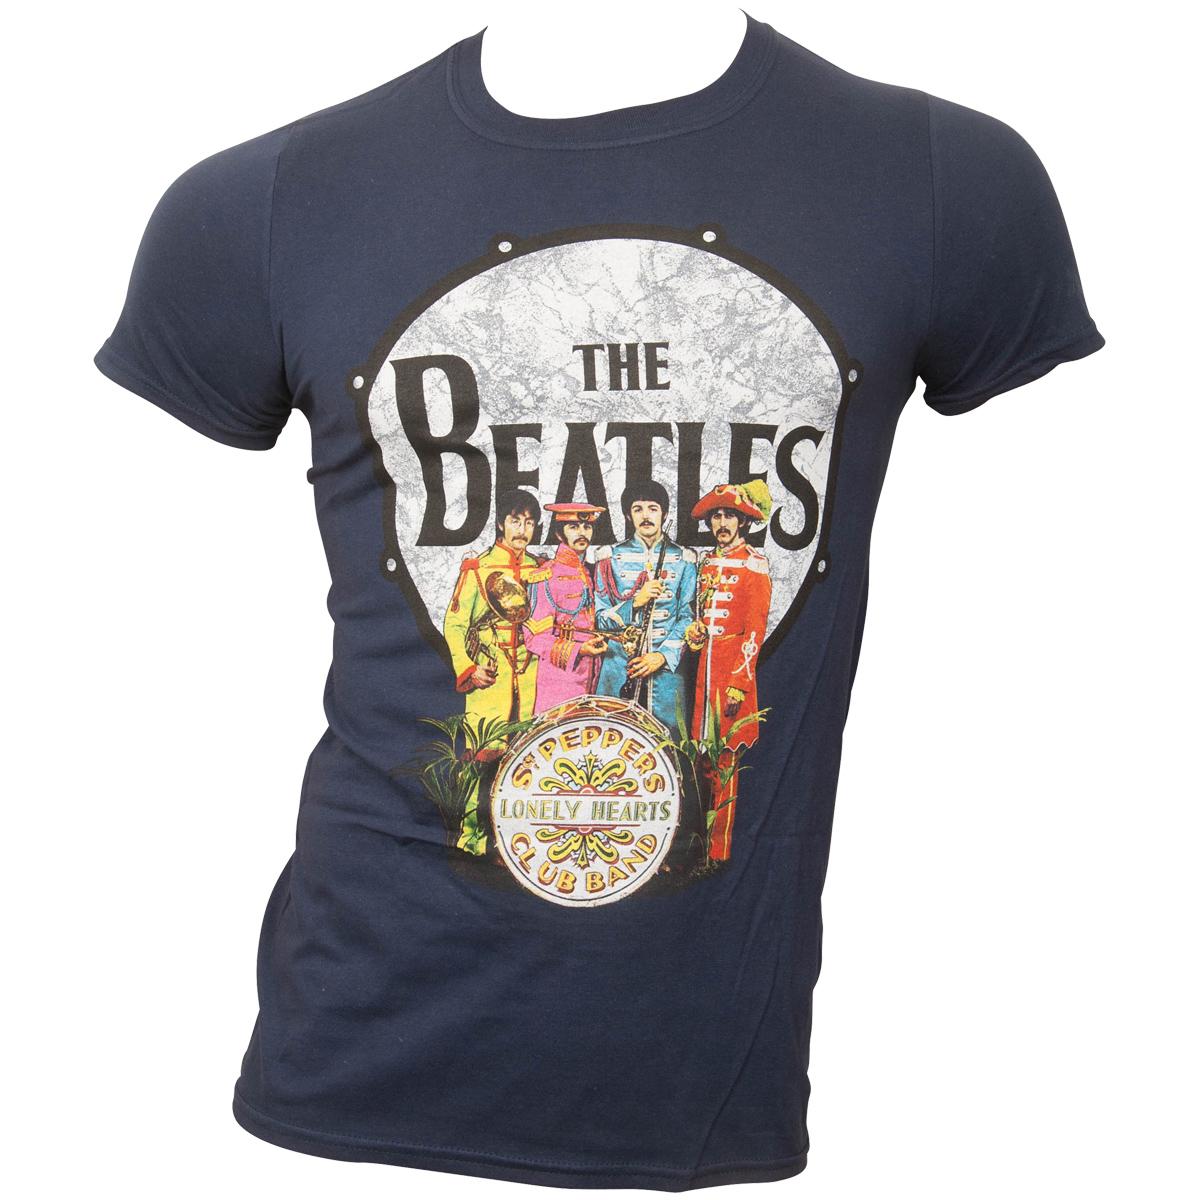 The Beatles - T-Shirt Sgt Pepper & Drum - blau